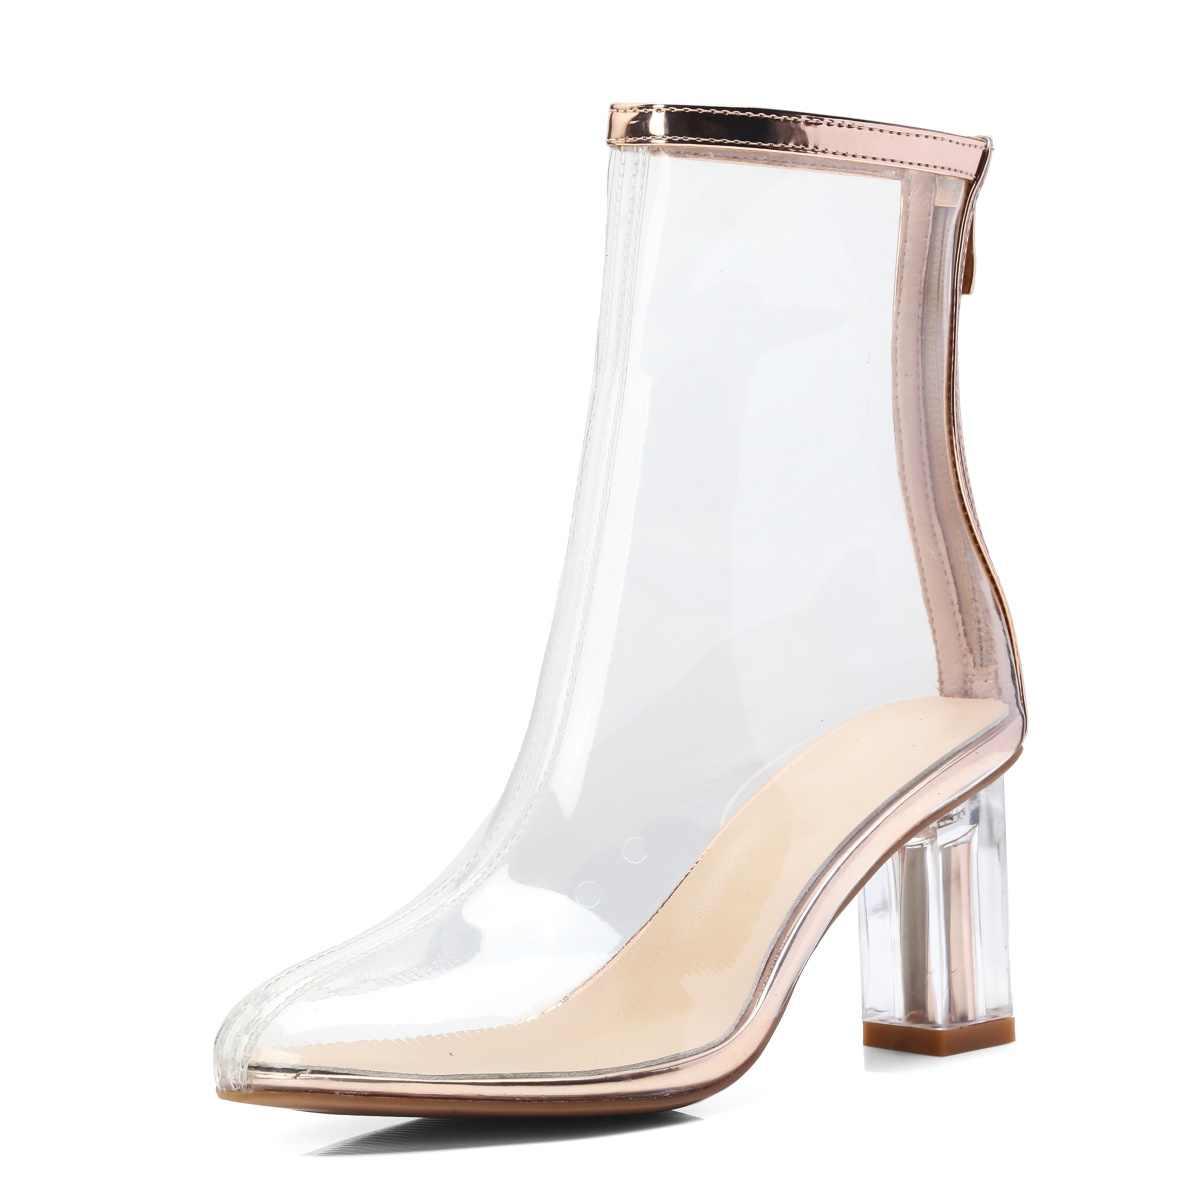 Yüksek Kalite Kadın Moda Şeffaf Çizmeler Yüksek Topuk Fermuar Ayak Bileği Çizmeler Yuvarlak Ayak Bahar Sonbahar Seksi Bayanlar Ayakkabı 2018 Yeni